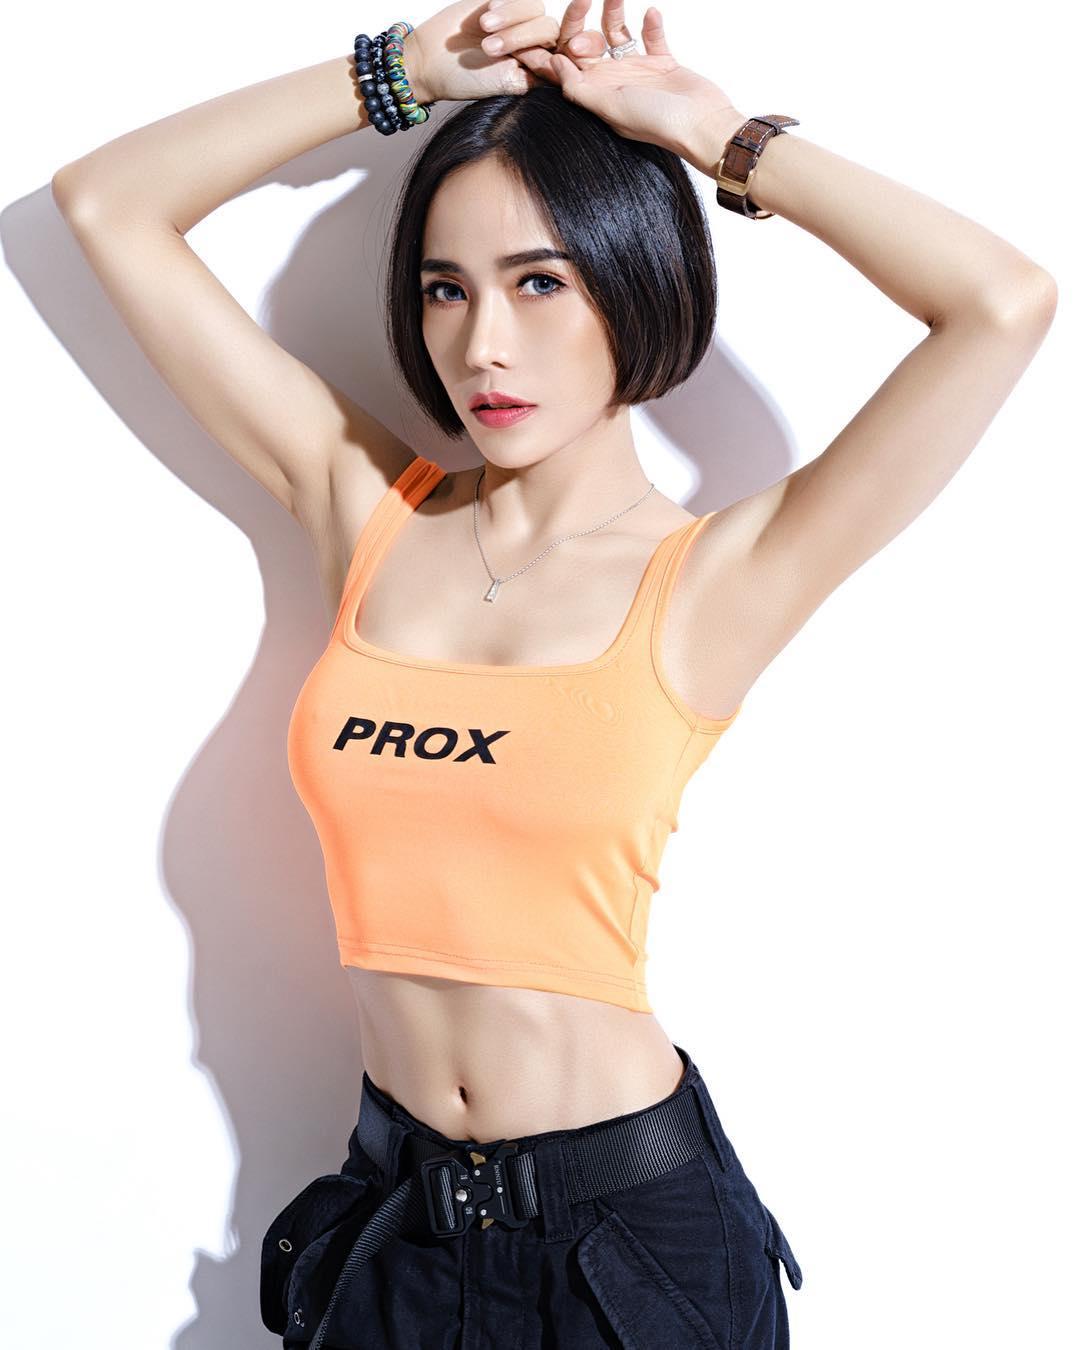 nữ dj xinh đẹp - roxy june tạo dáng sexy